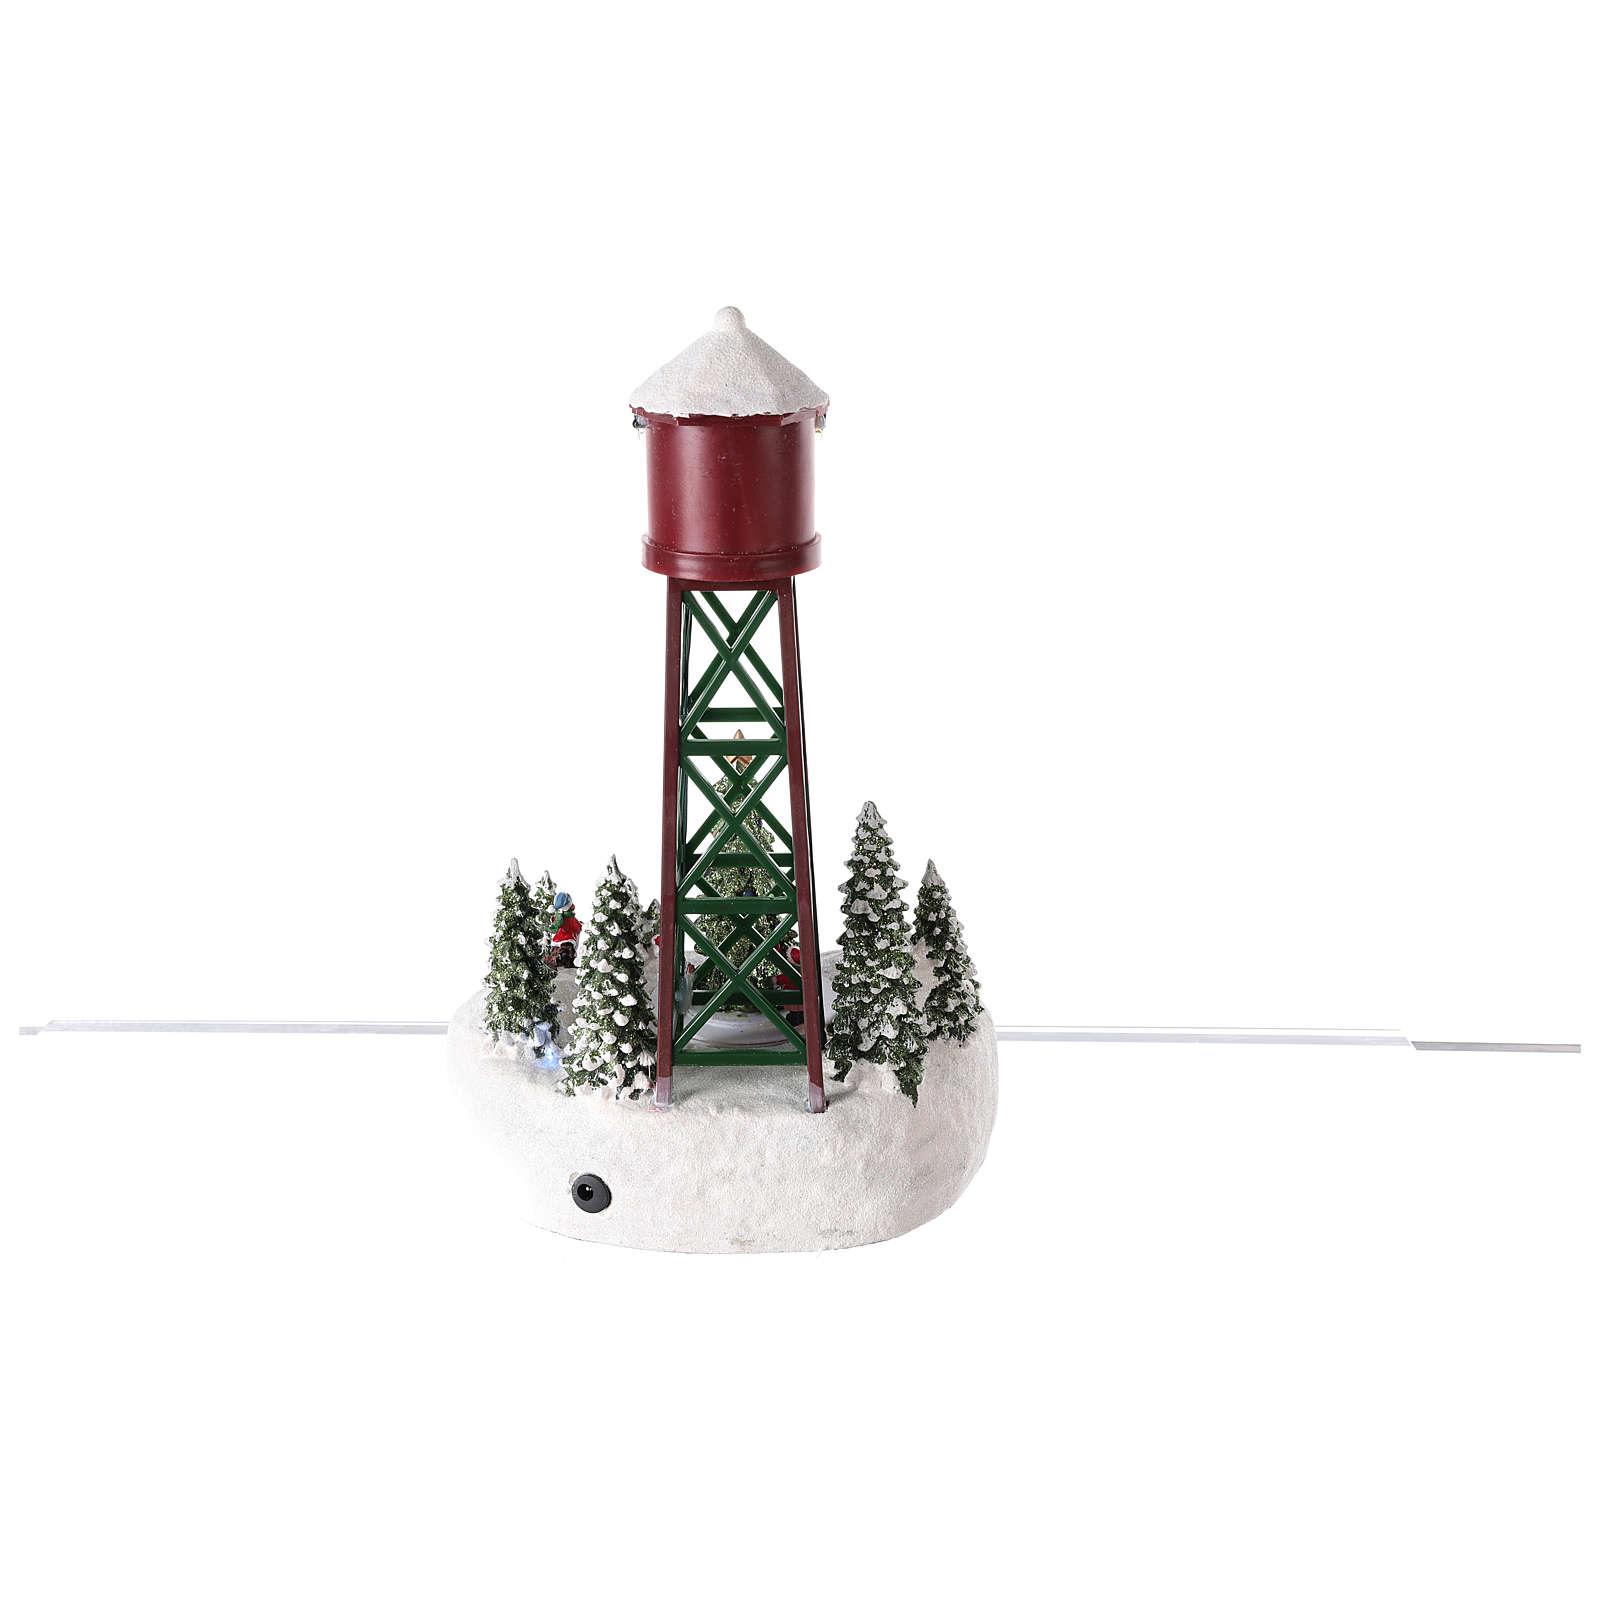 Aqueduc pour village de Noël avec piste de patinage et sapin de Noël 35x20 cm 3